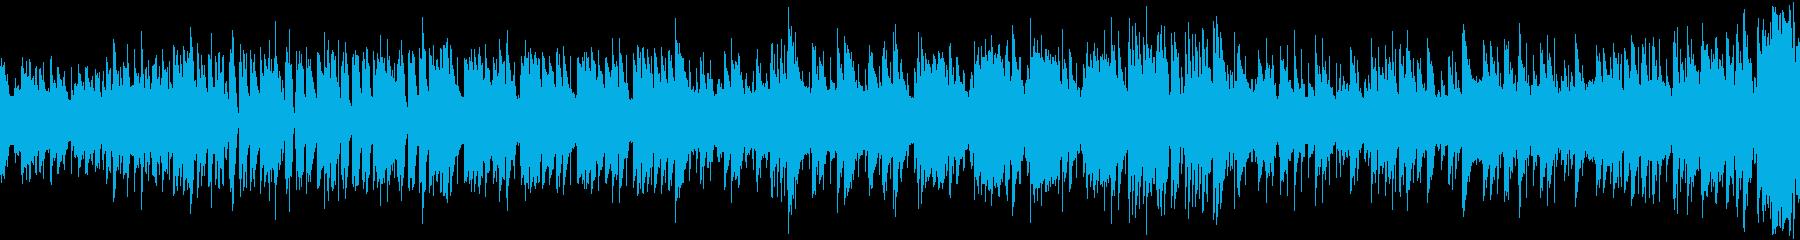 8bit スペースチックな曲 ループ仕様の再生済みの波形